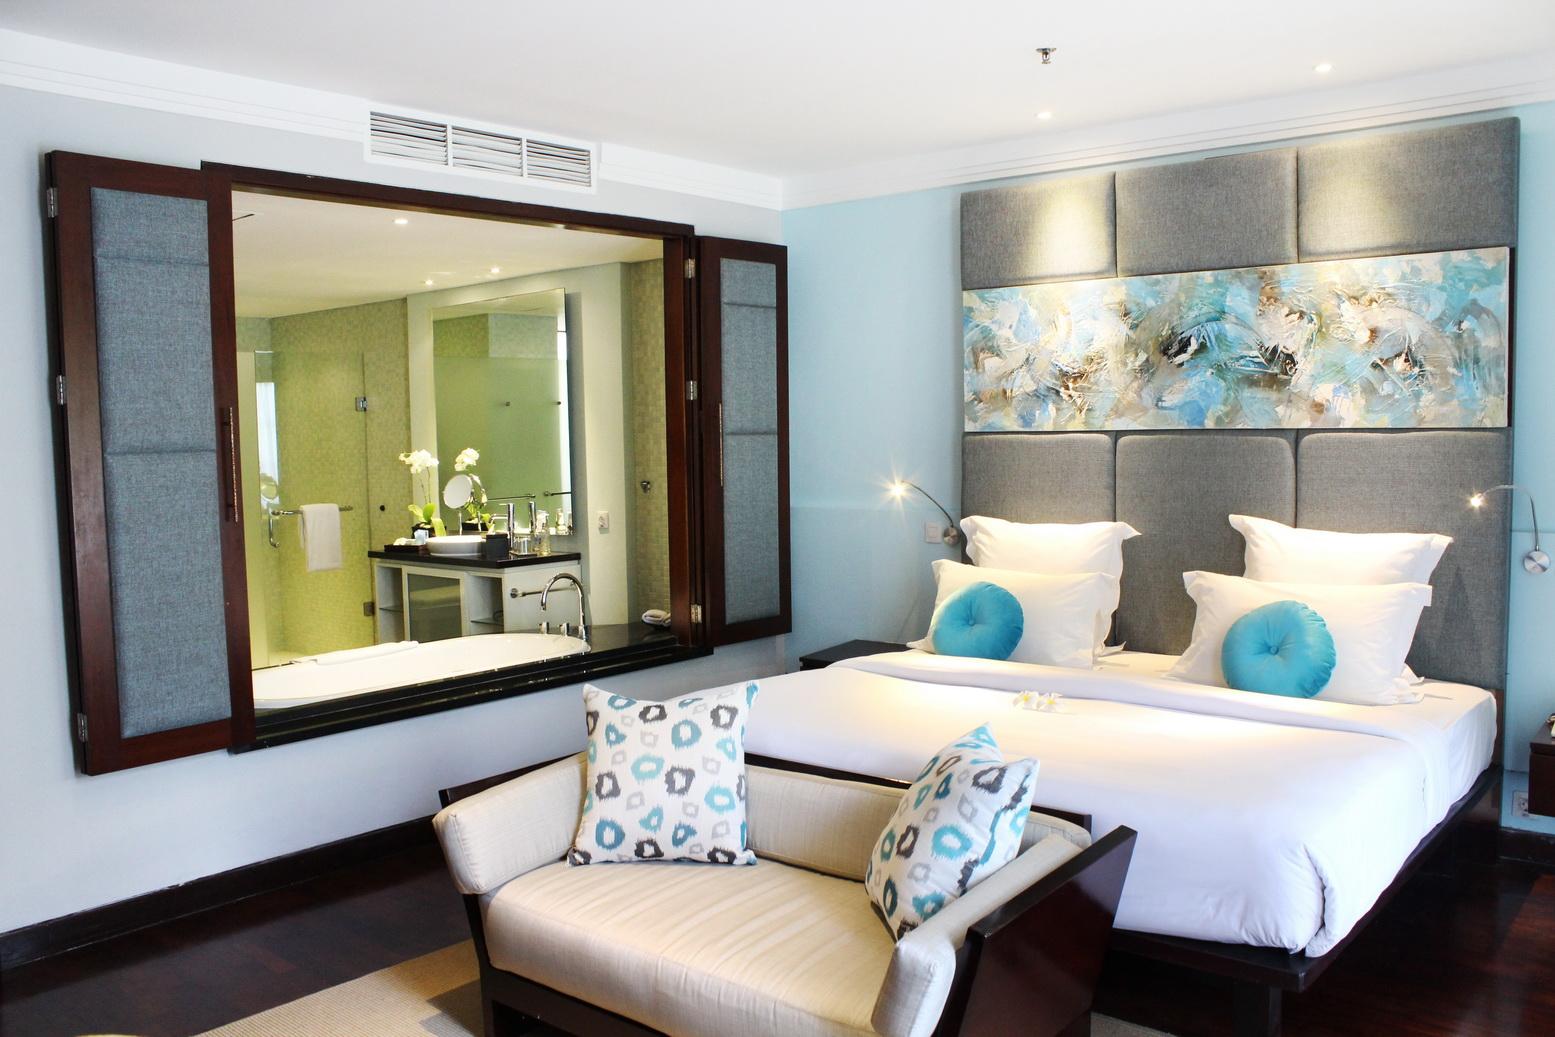 Novotel Nusa Dua 2 Bedroom Suite Novotel Bali Nusa Dua Wedding Venue In Bali Bridestorycom